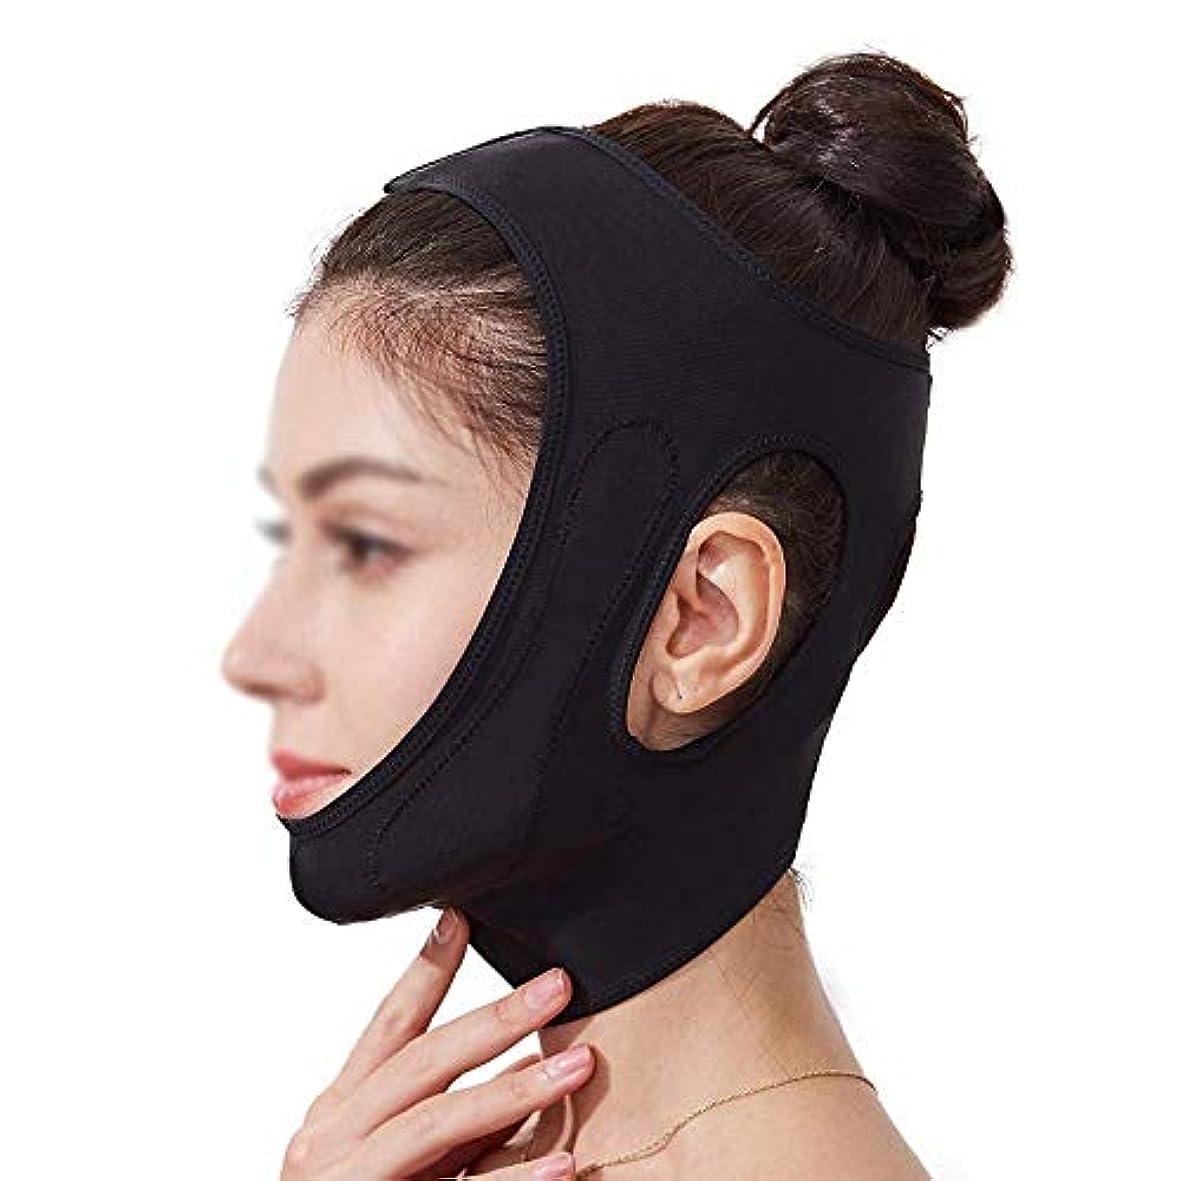 追放する最初通路フェイスリフトテープとバンド、Vフェイスベルトフェイスリフト包帯、顎を持ち上げる、フェイシャルリフト、あごストラップ、通気性包帯、フリーサイズ(カラー:イエローピンク),ブラック